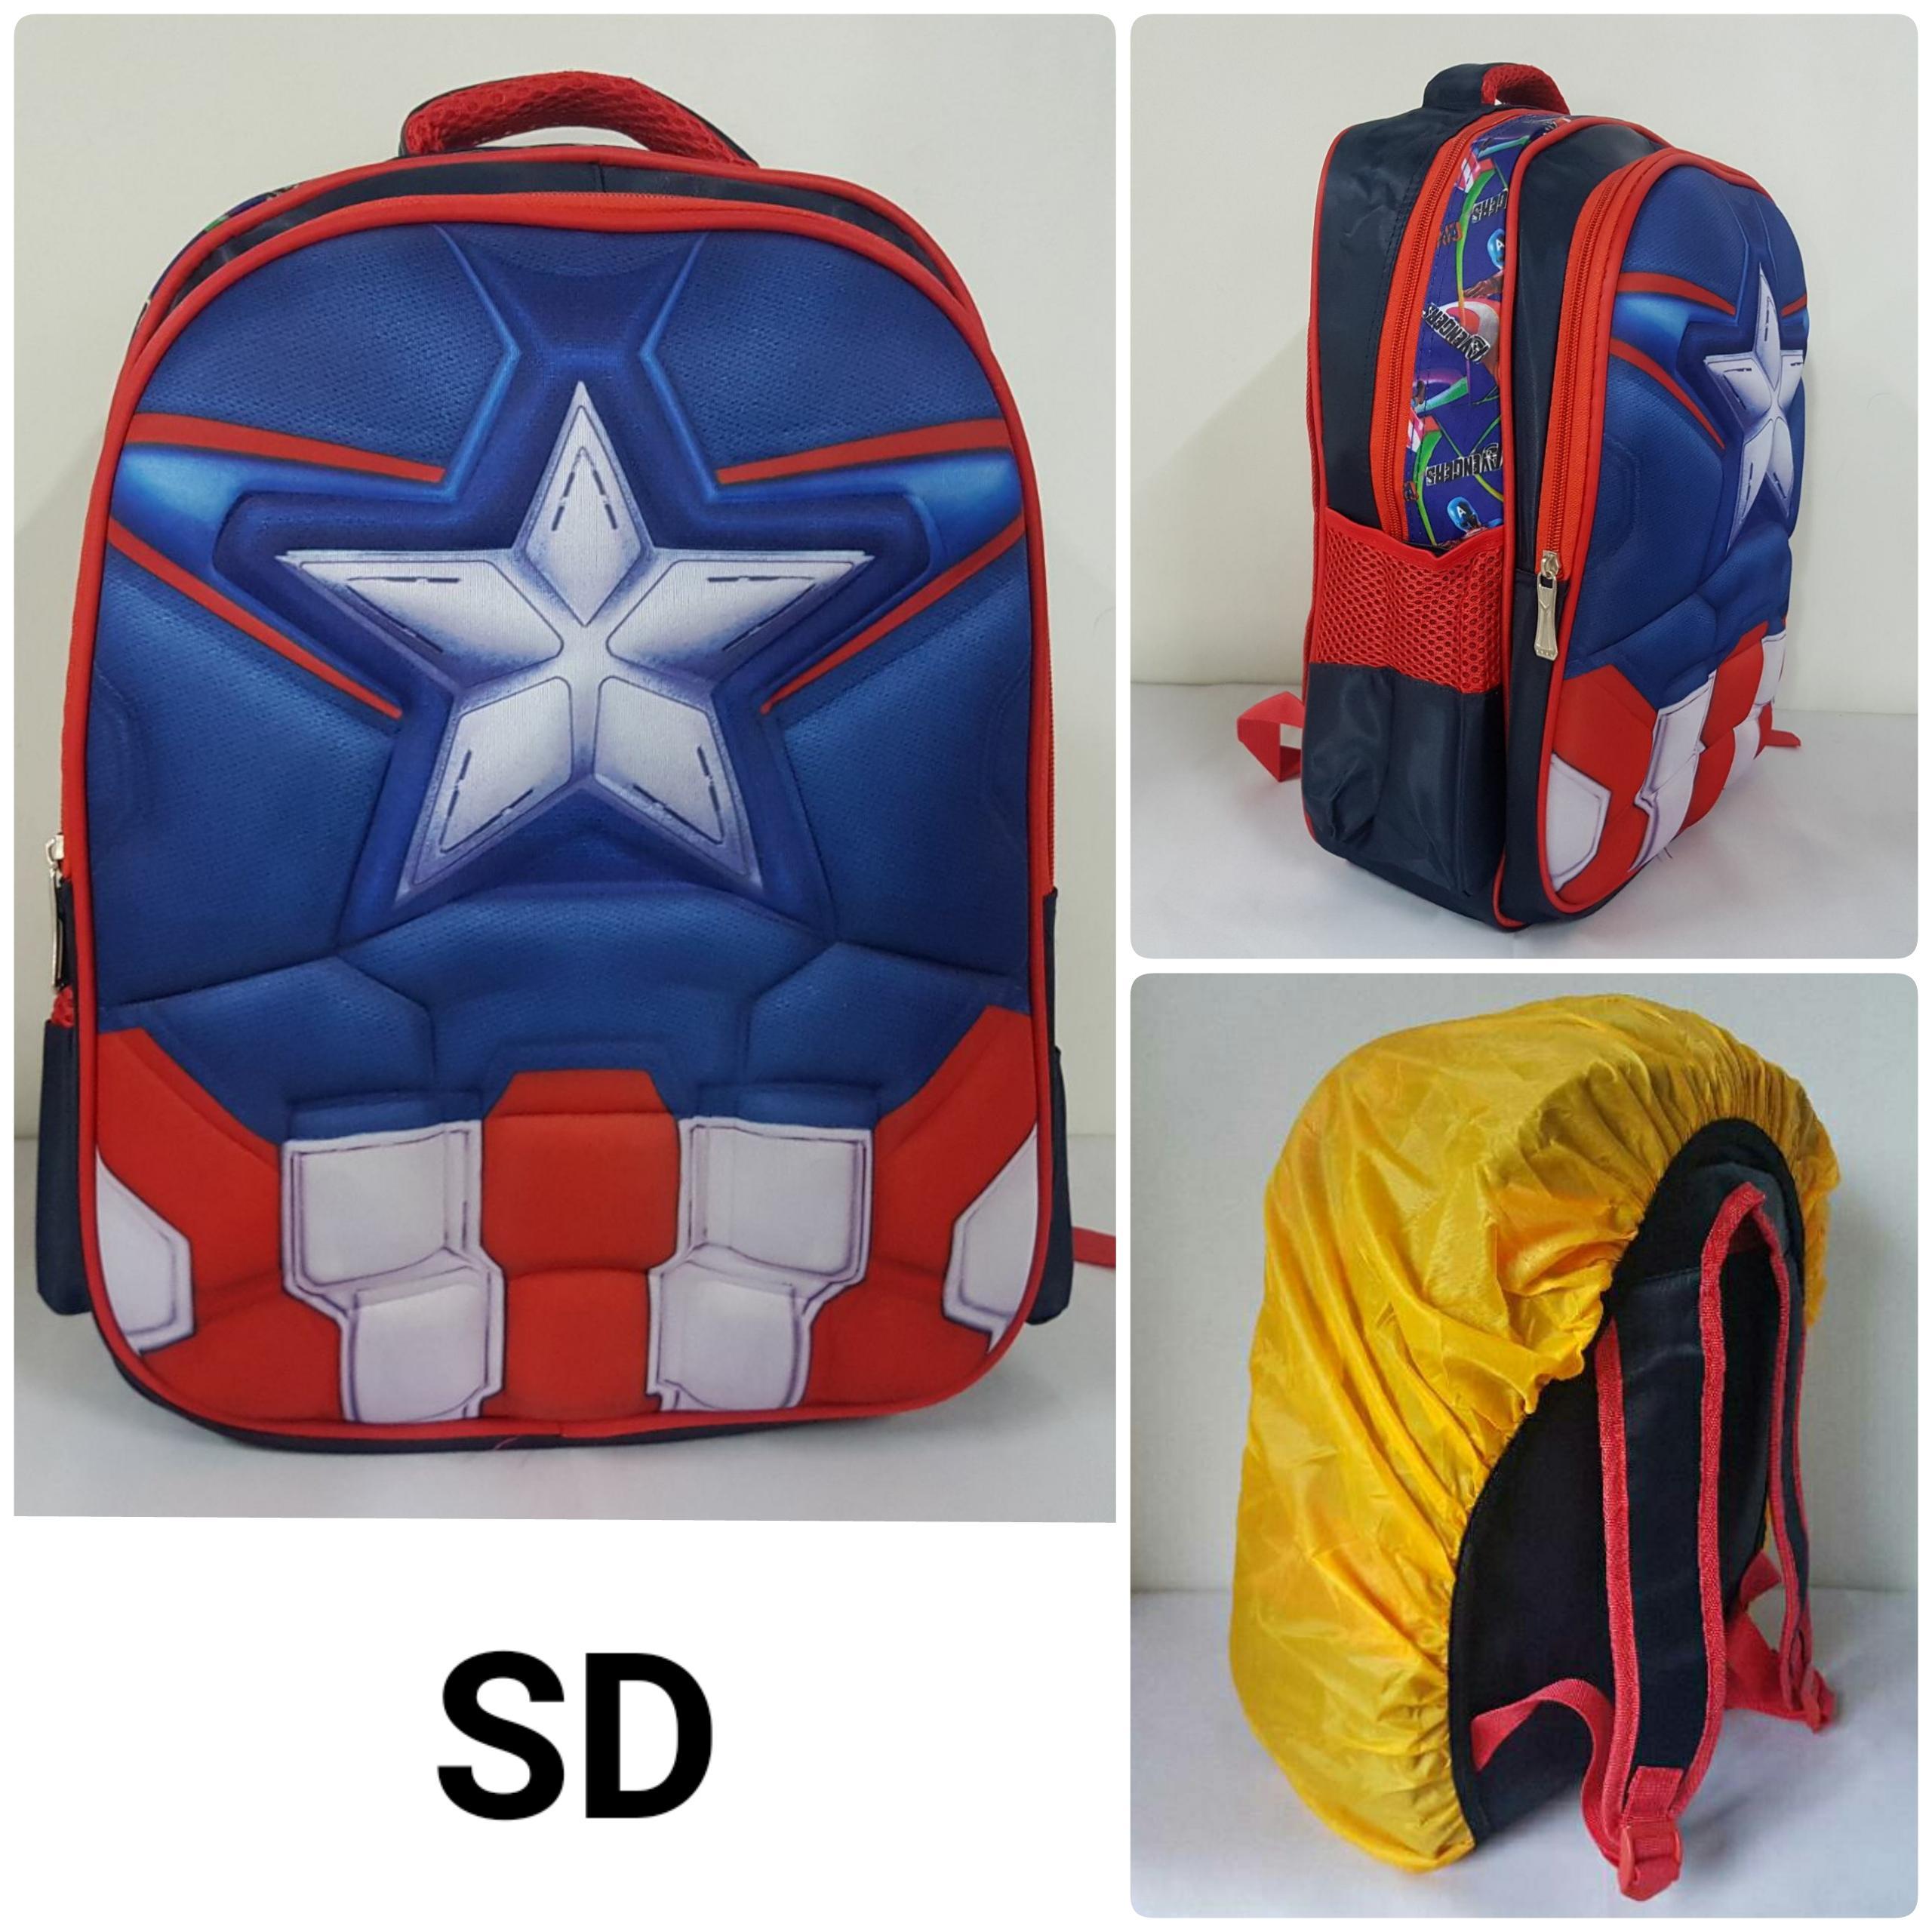 Ransel SD Captain America Otot Backpack Avengers Tas Sekolah Import 3D Timbul